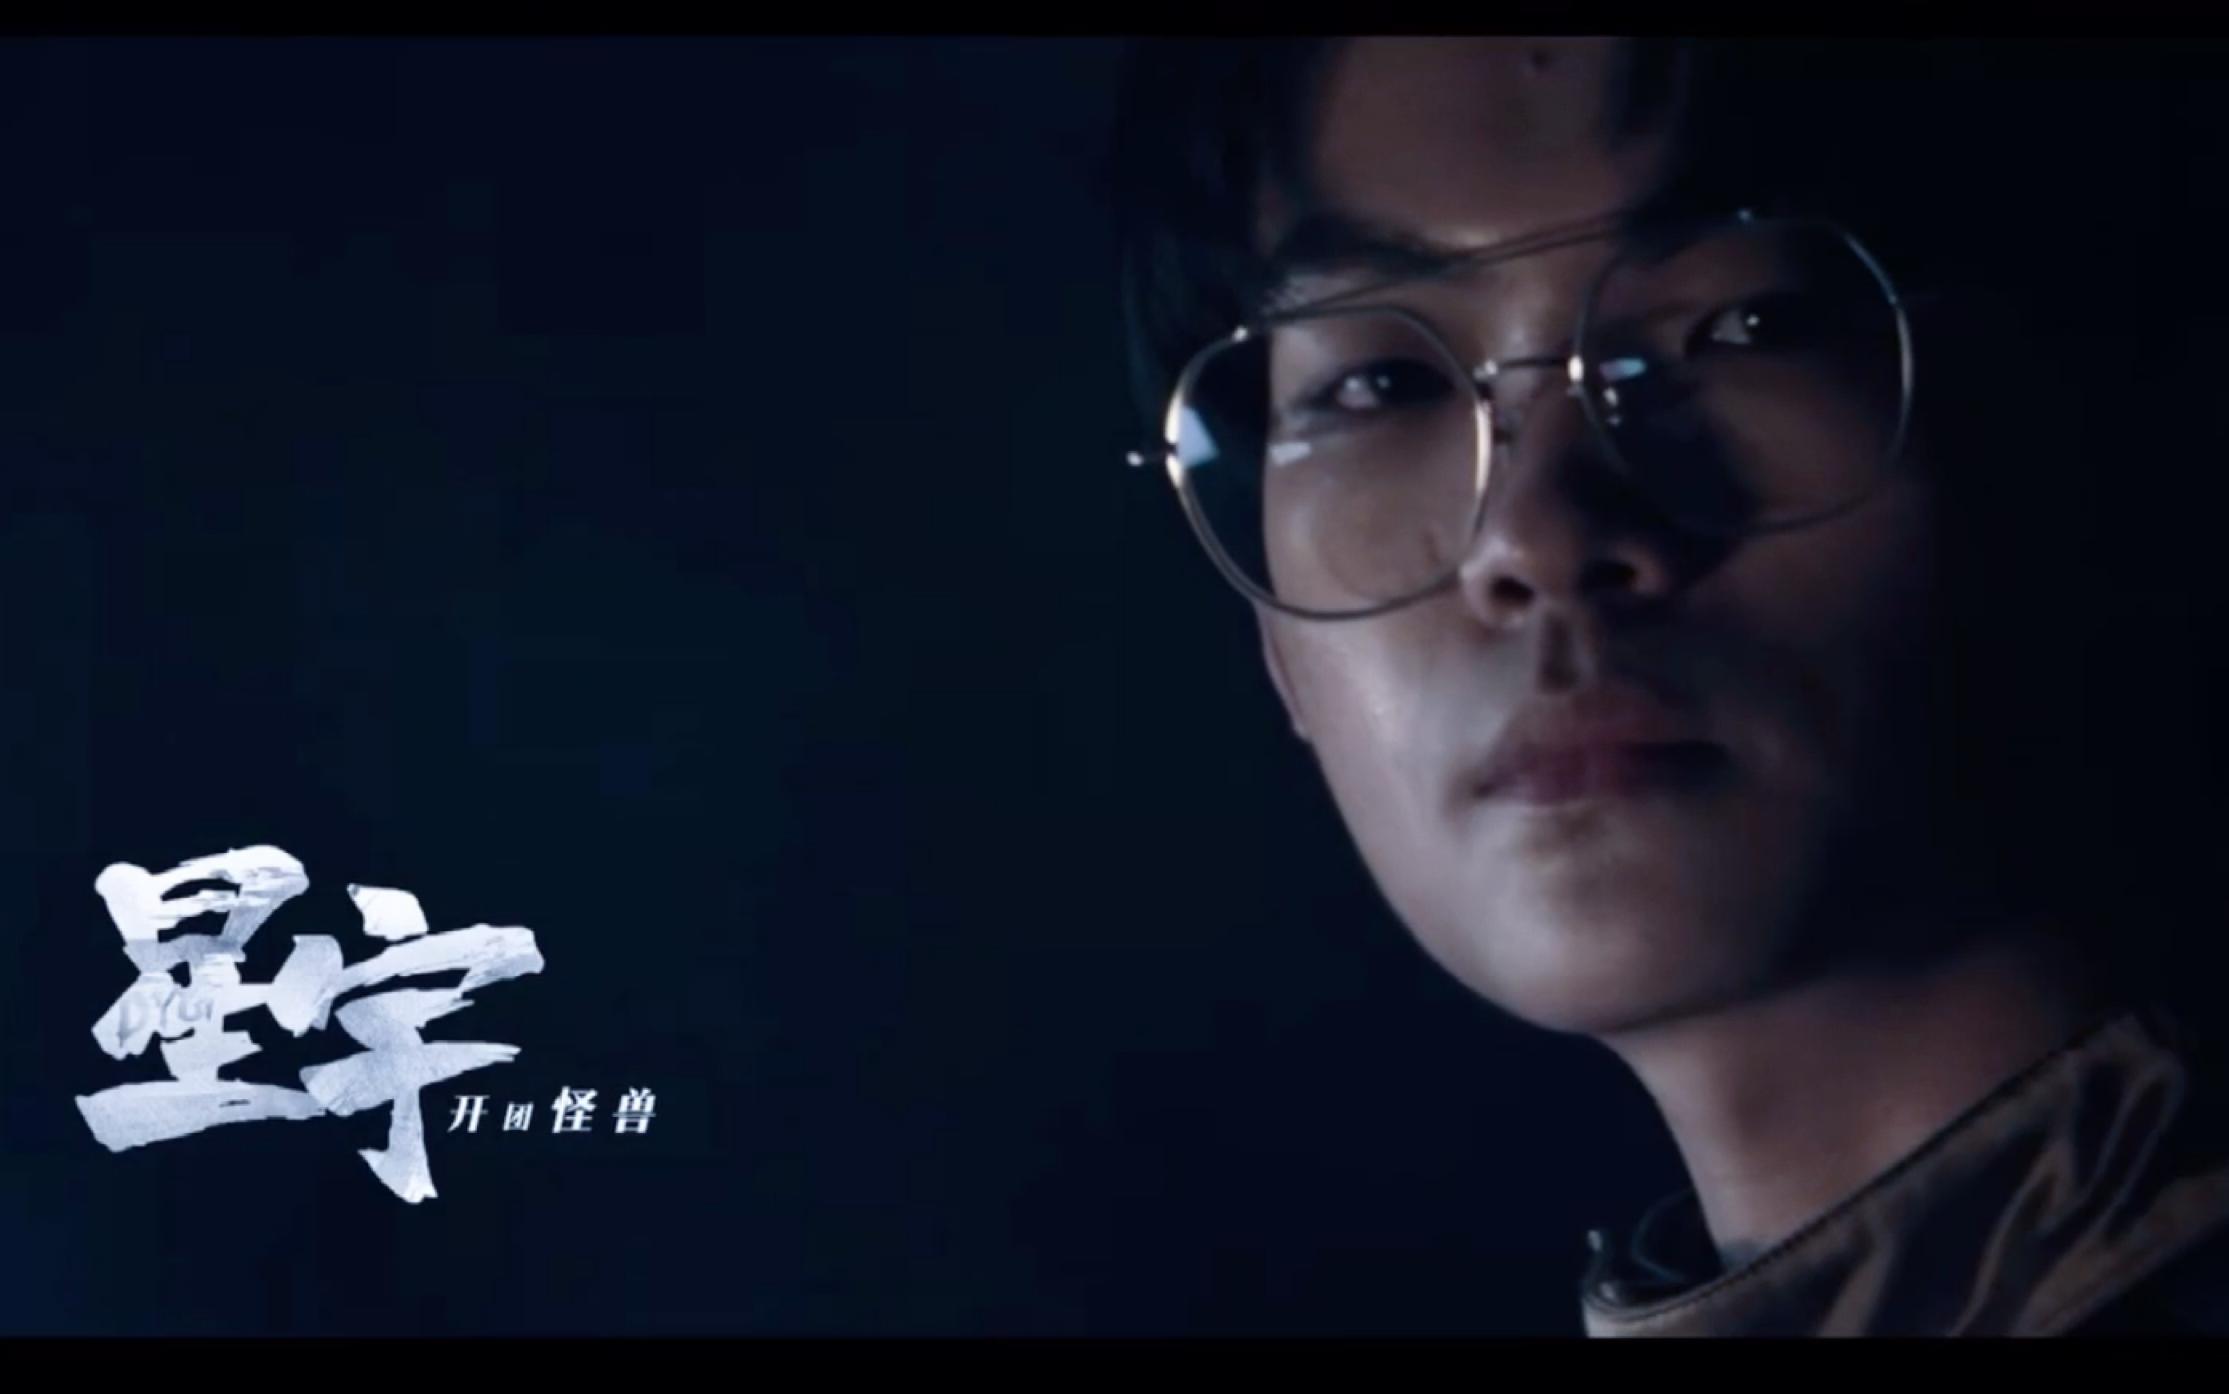 【深圳DYG星宇】少年的梦要继续做下去-登场两周年贺礼